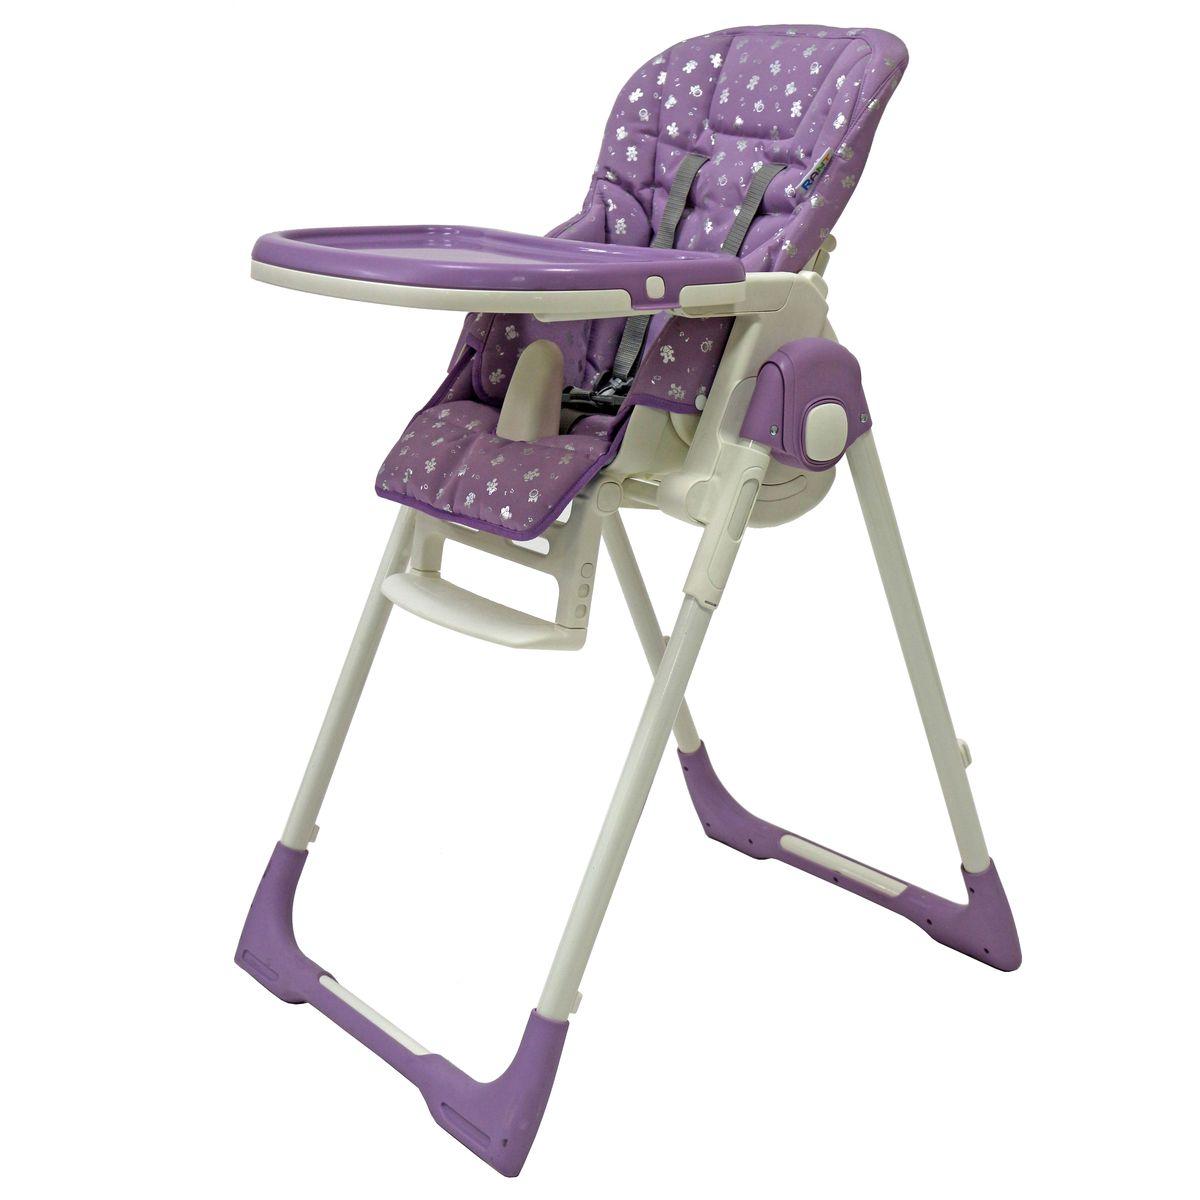 Rant Стульчик для кормления Crystal Fabric цвет фиолетовый